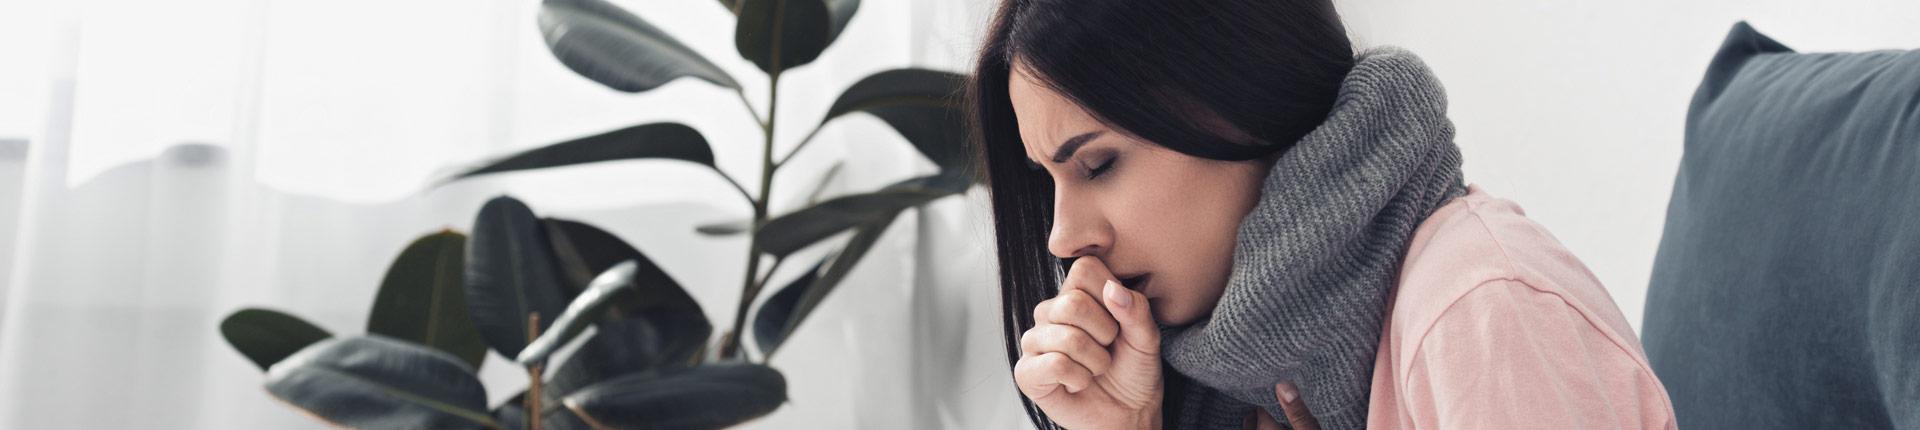 Czy witamina D zapobiega infekcjom dróg oddechowych?